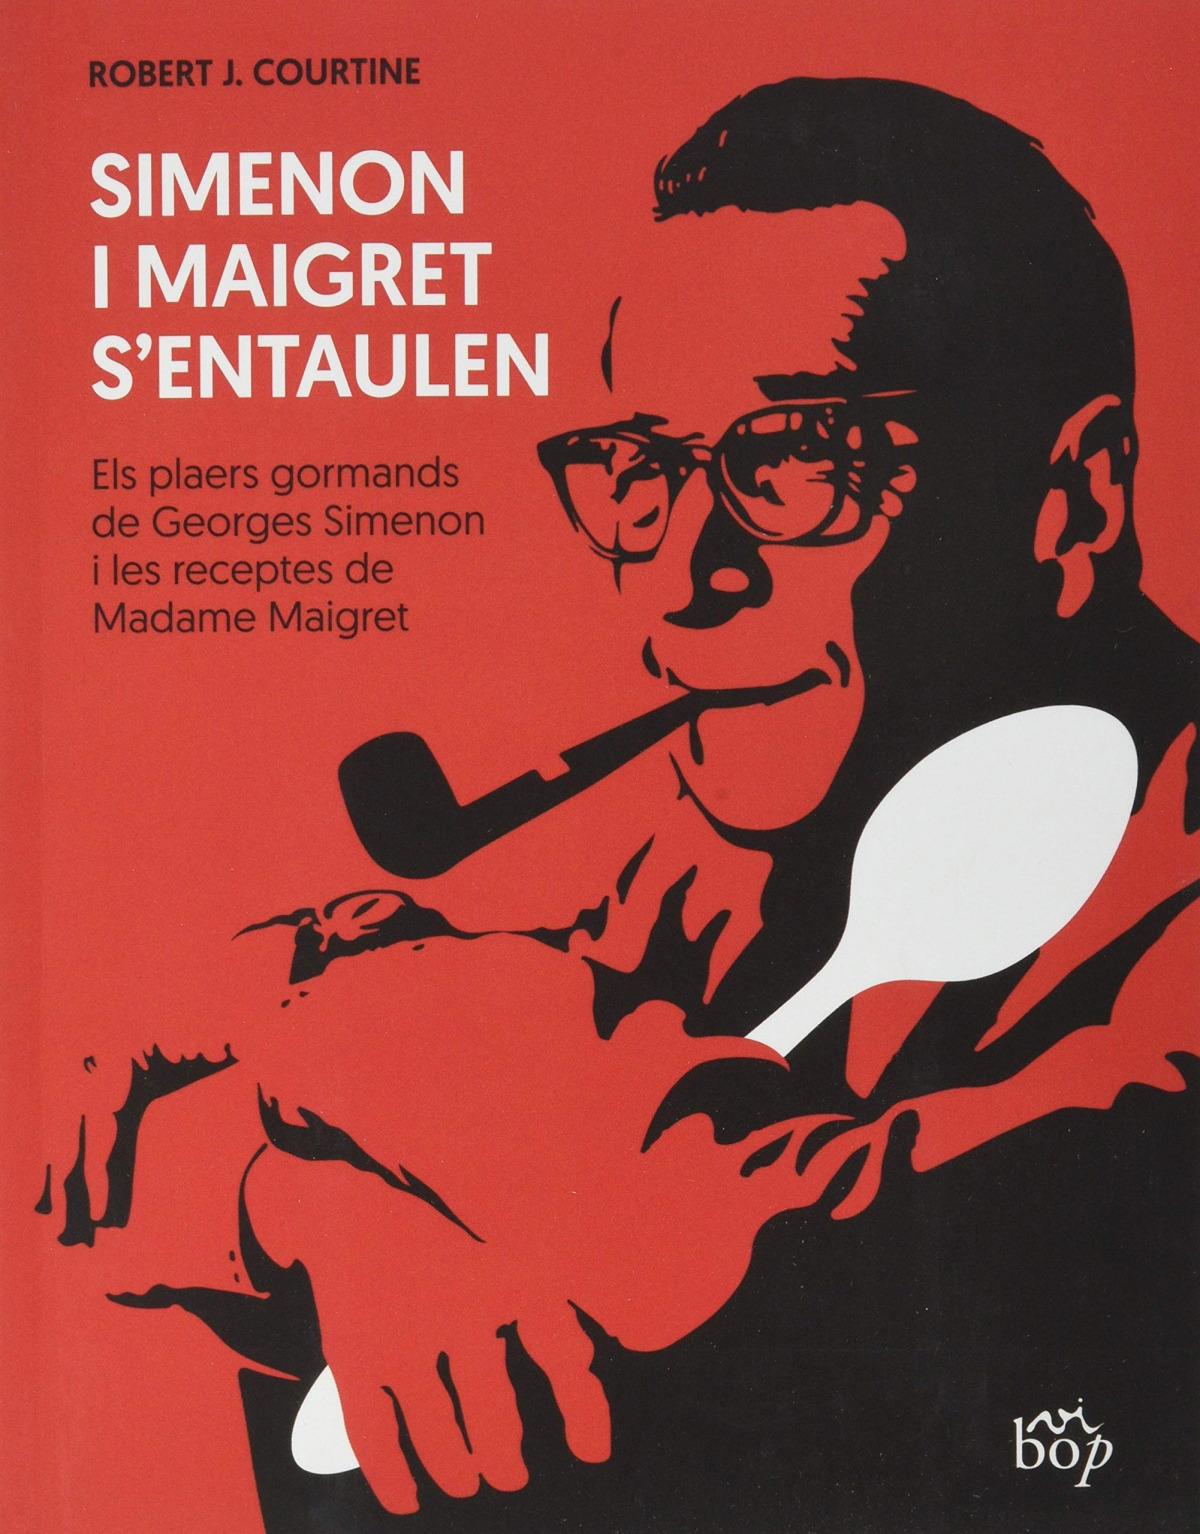 Simenon i Maigret s'entaulen